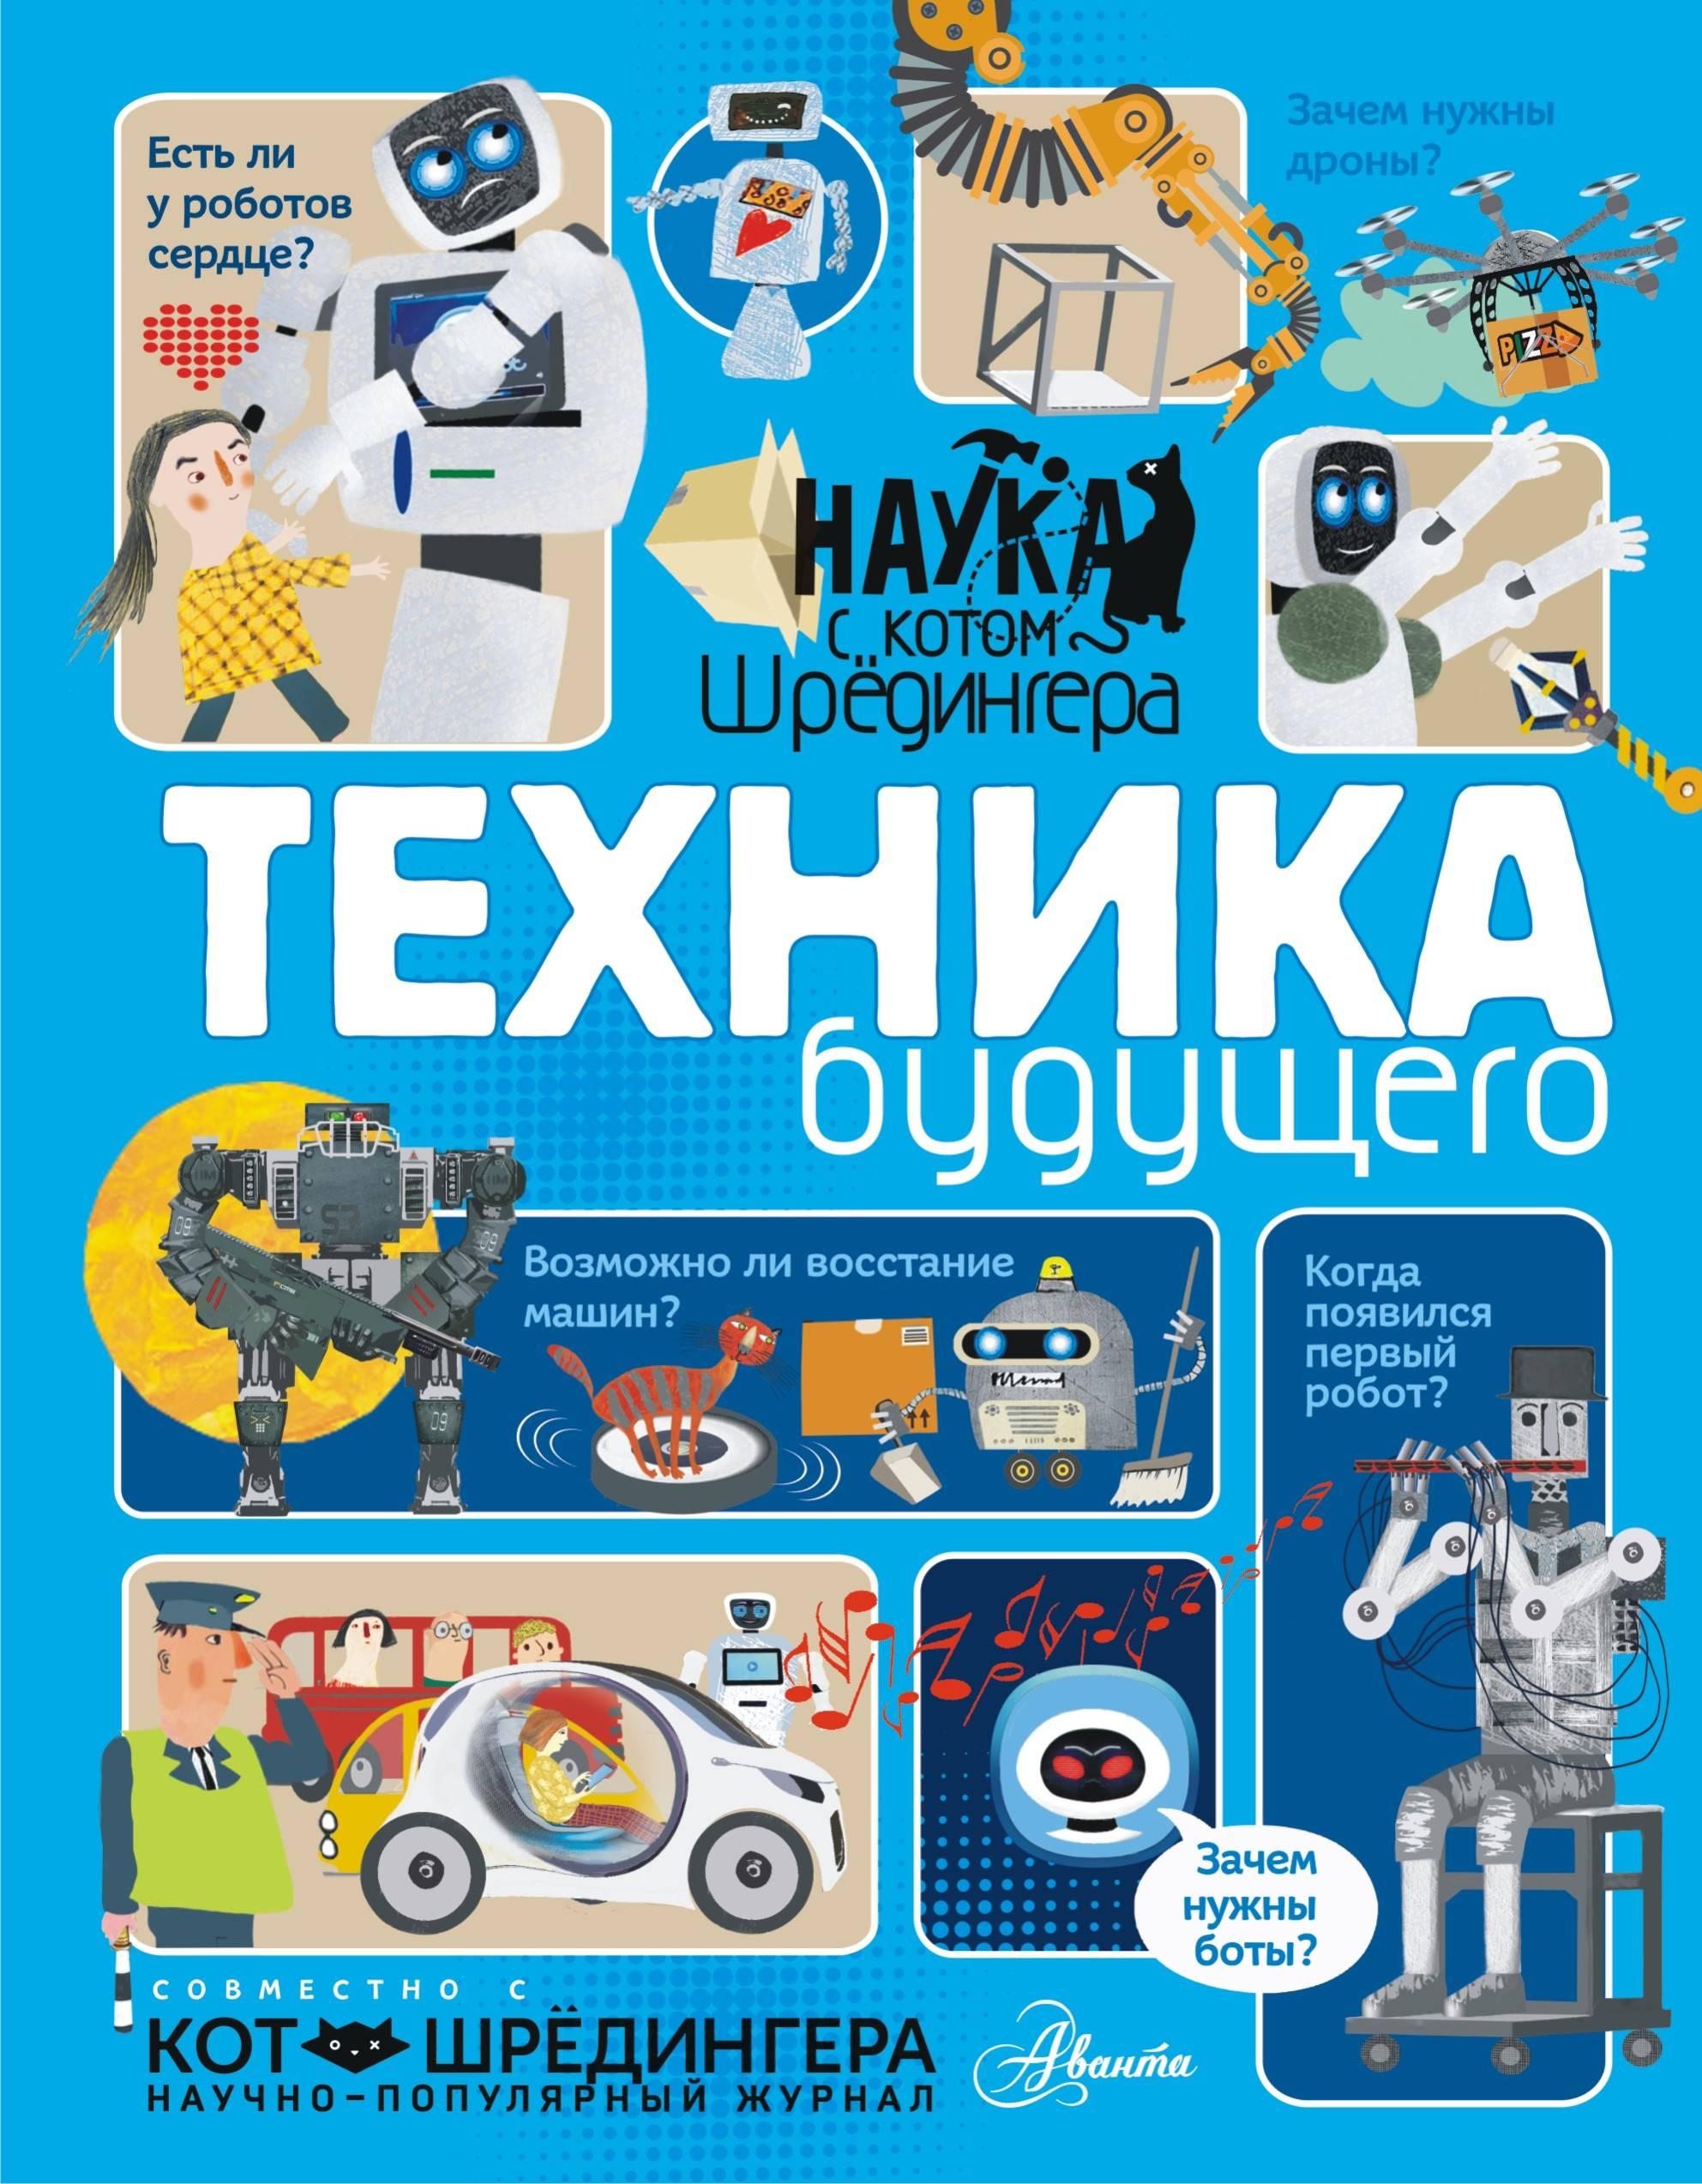 Константинов А.В. Техника будущего роботы education line roboblock робот герой xl 89 элементов